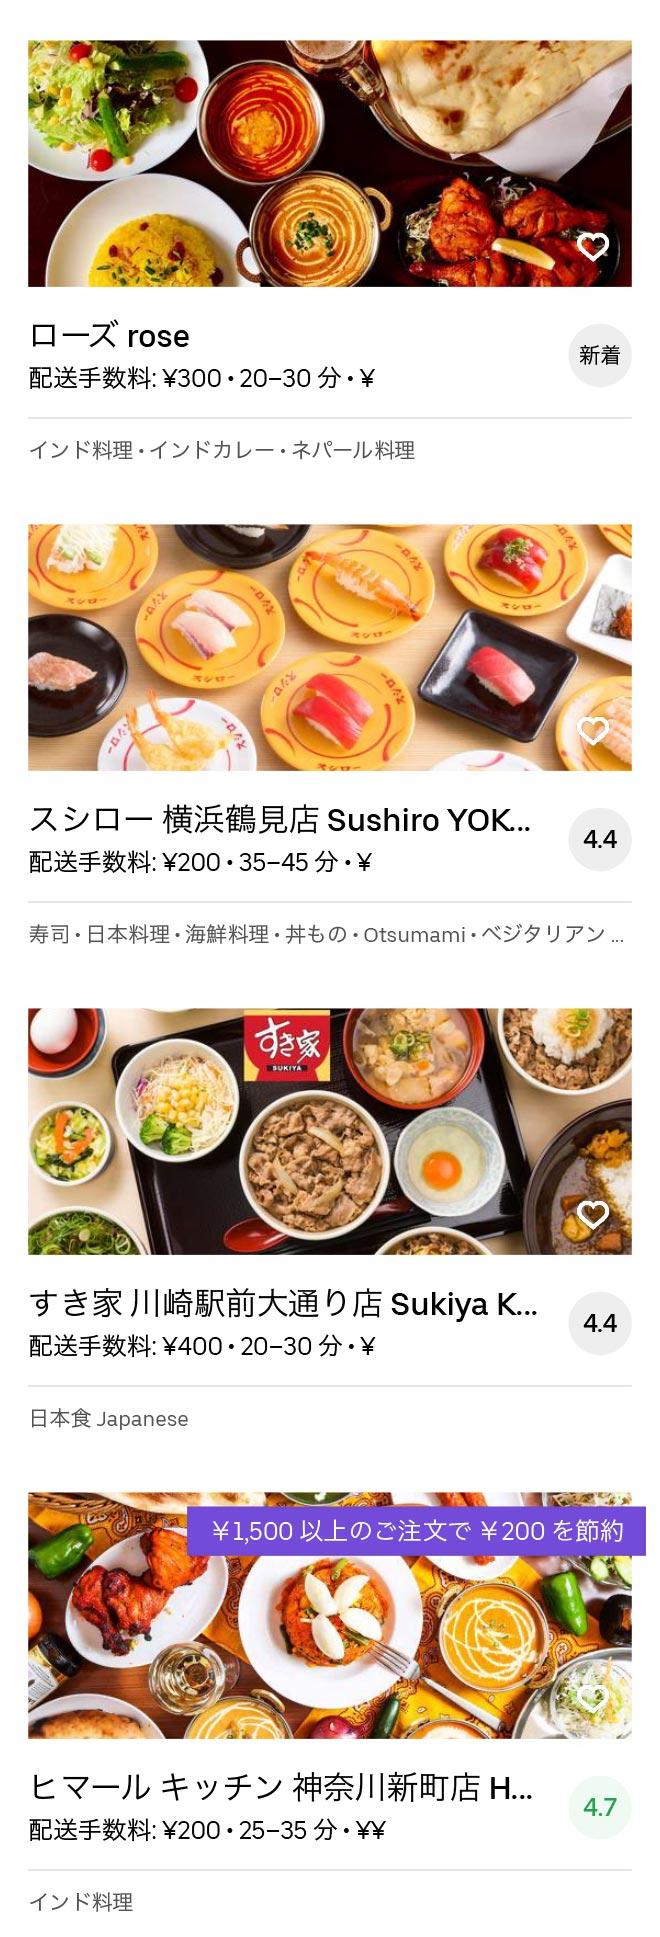 Yokohama tsurumi menu 2004 07